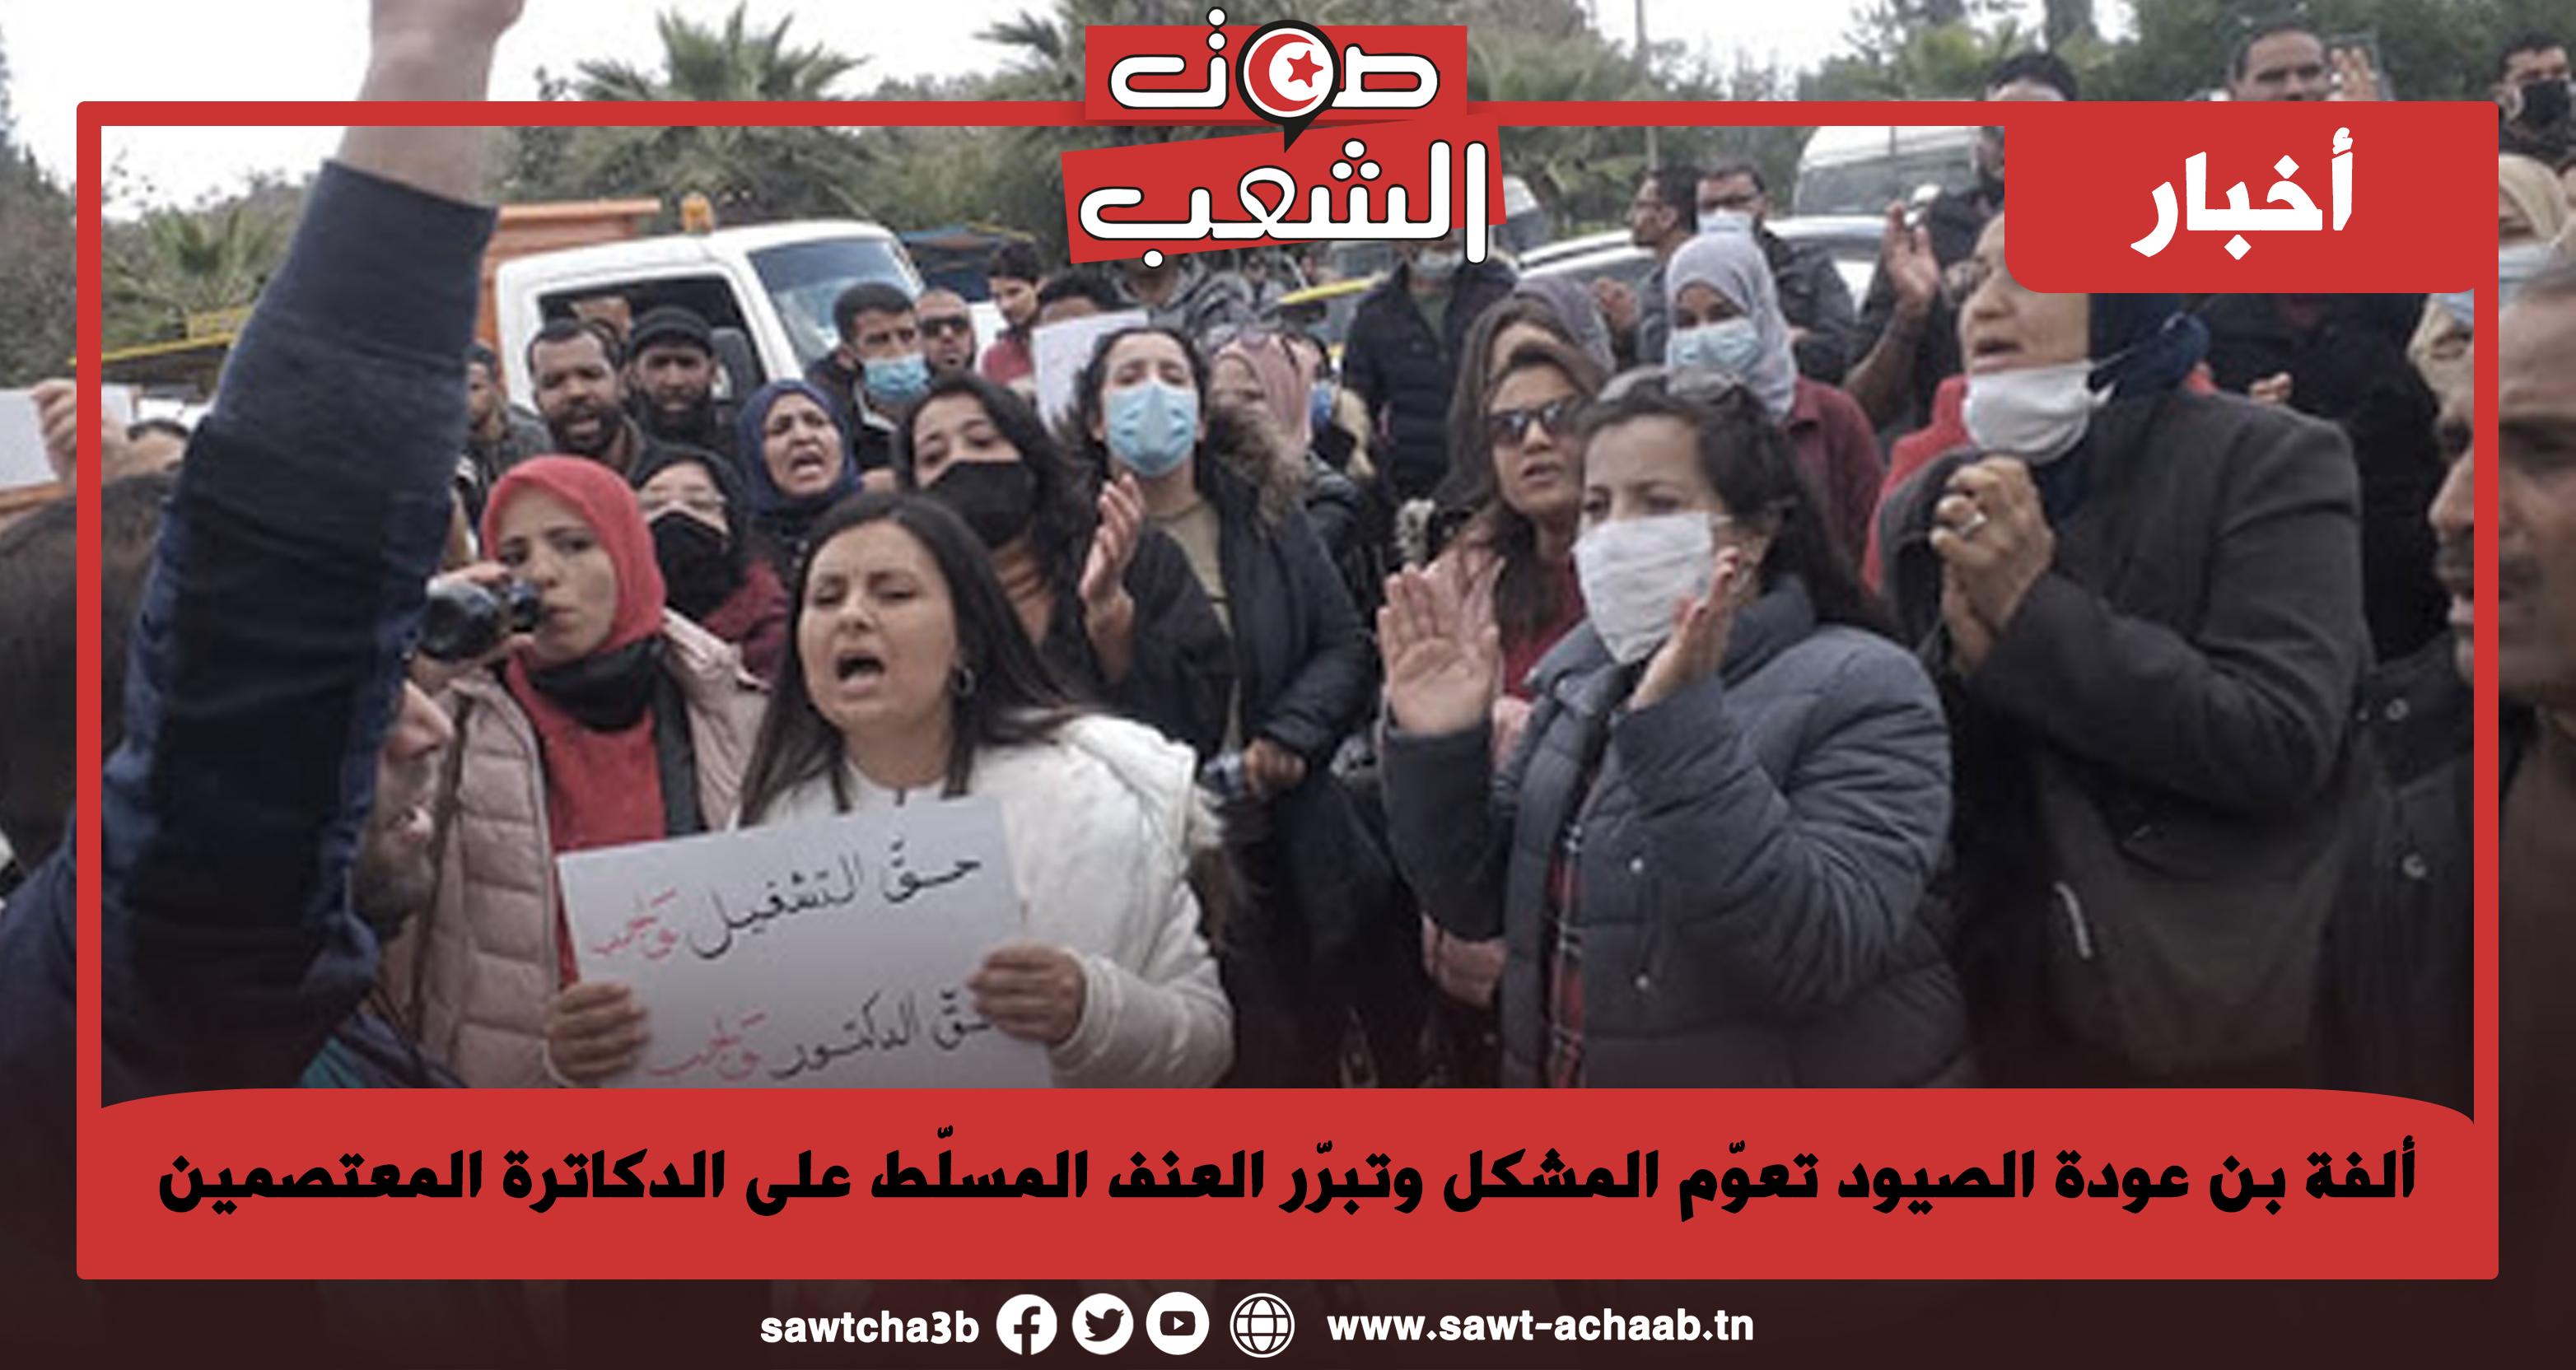 ألفة بن عودة الصيود تعوّم المشكل وتبرّر العنف المسلّط على الدكاترة المعتصمين